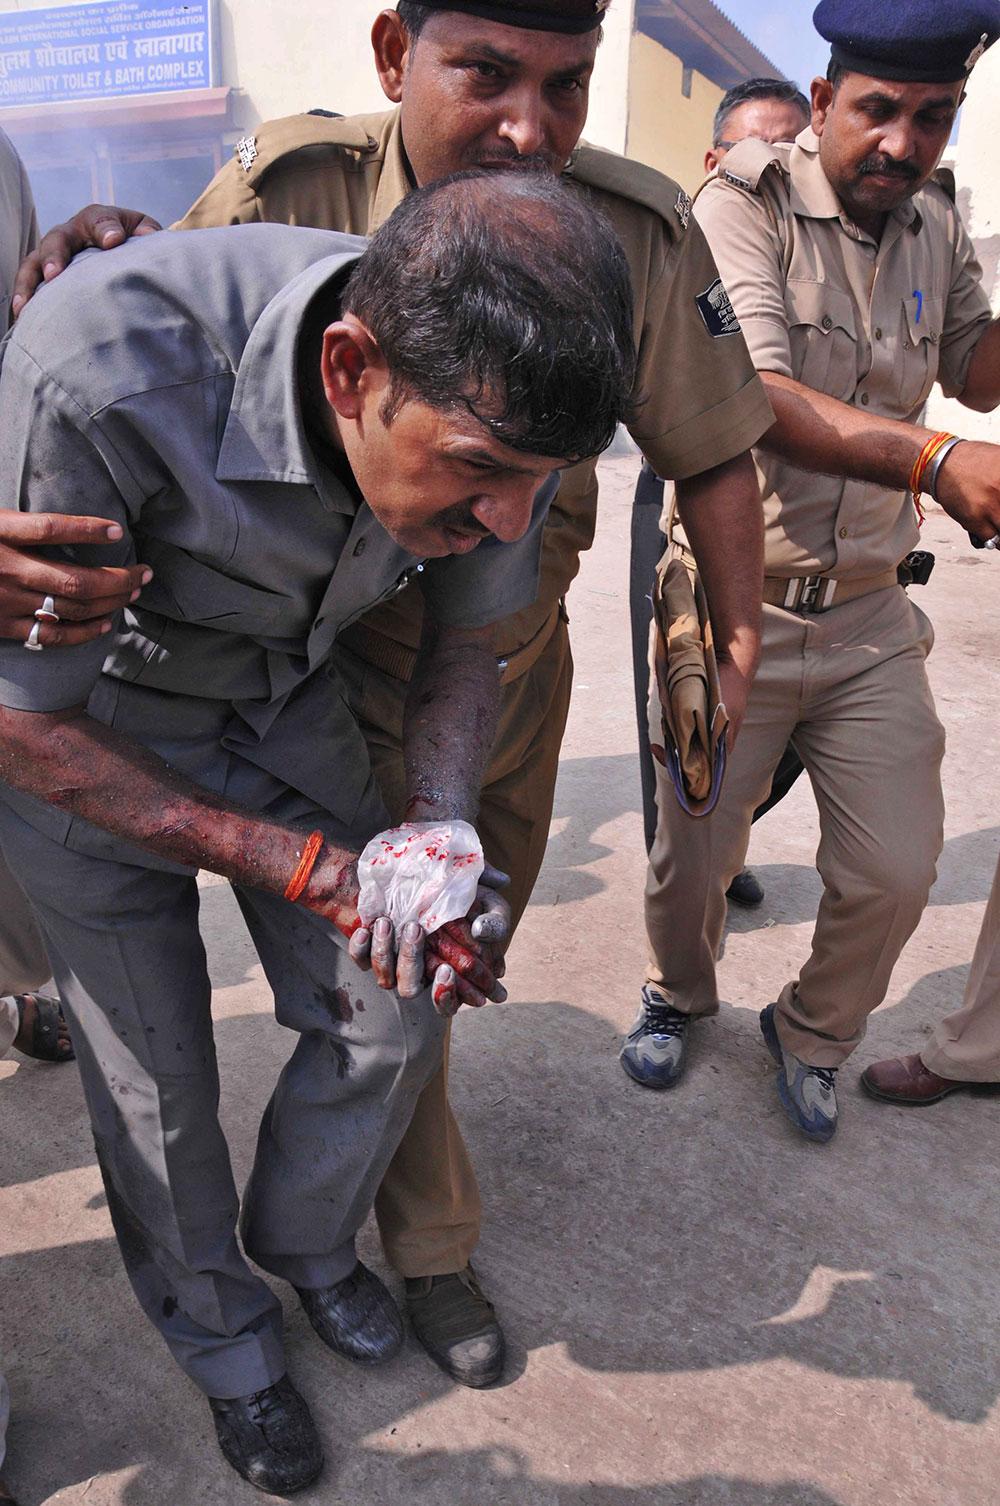 पटना में सीरियल बम ब्लास्ट के दौरान बम डिफ्यूज करने के दौरान बम निरोधक दस्ता के सदस्य घायल हो गए।